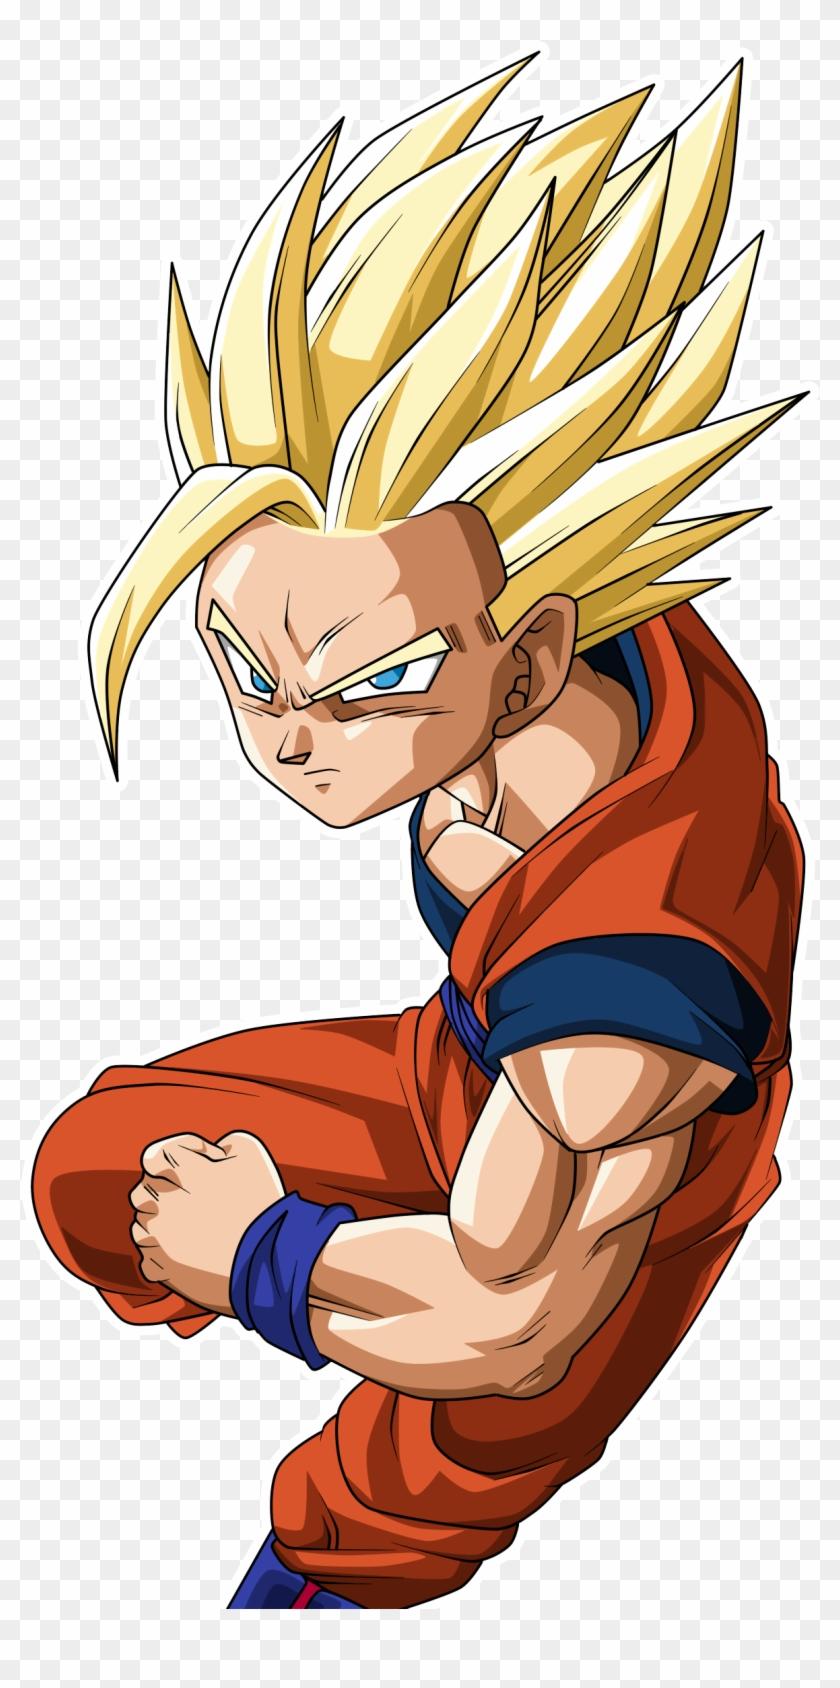 Goku Clipart Super Saiyan2.